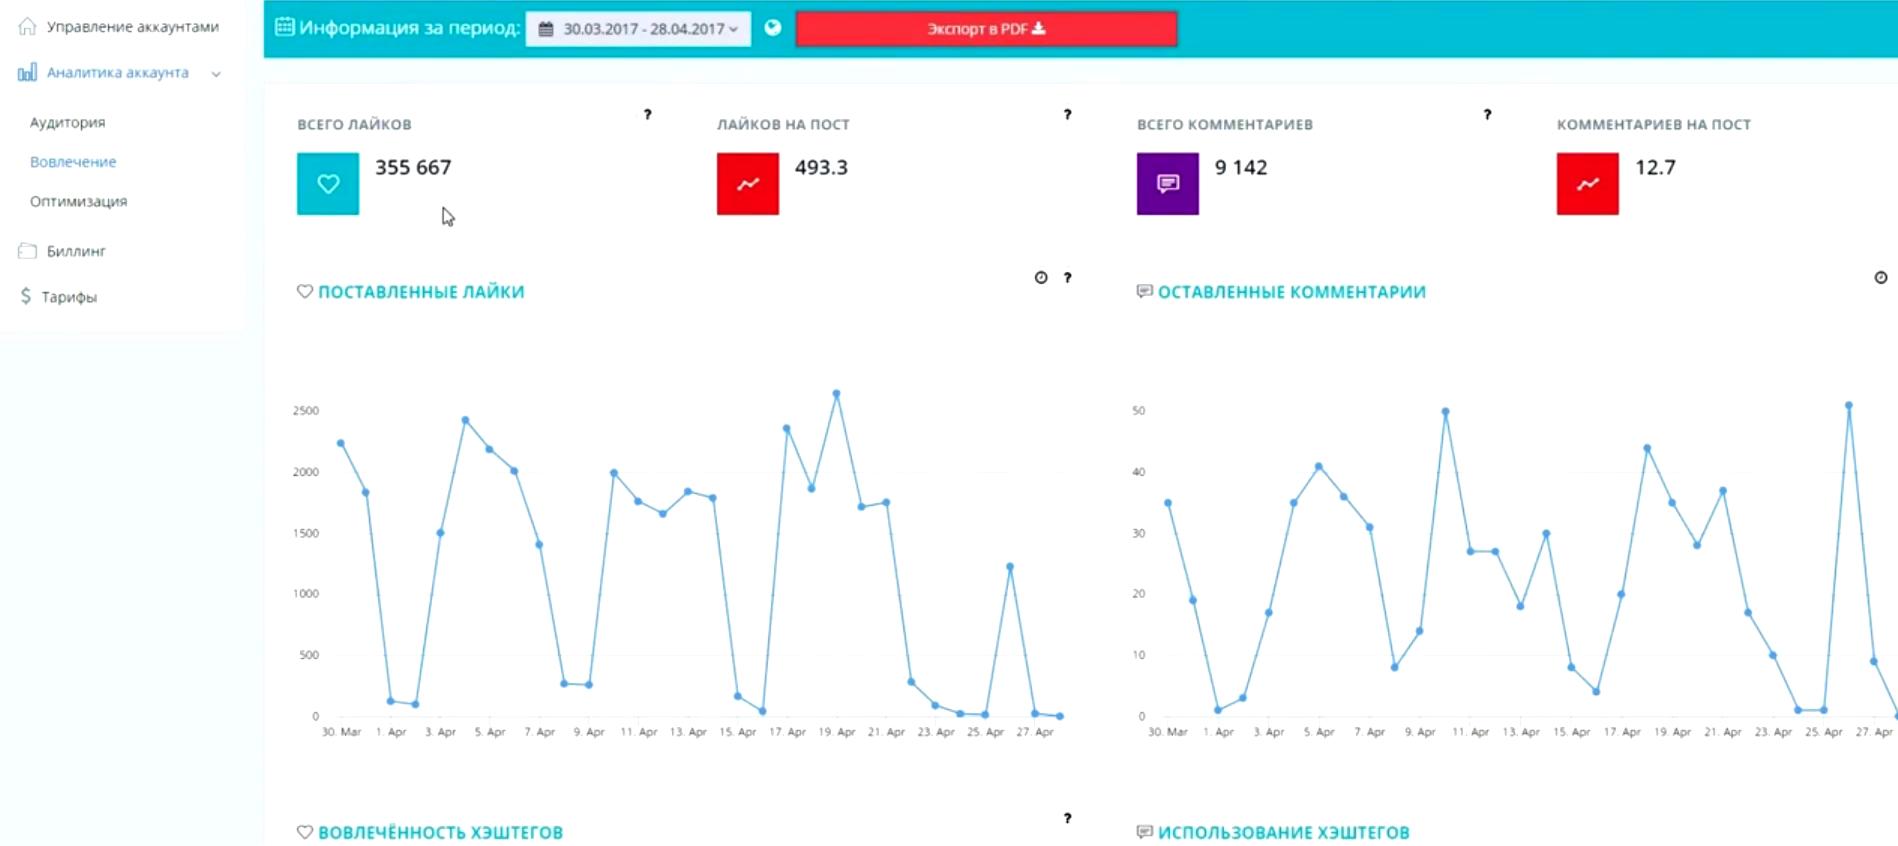 Исследование активности на страница, в каналах и группах социальных сетей в аналитическом медиа-сервисе Picalytics